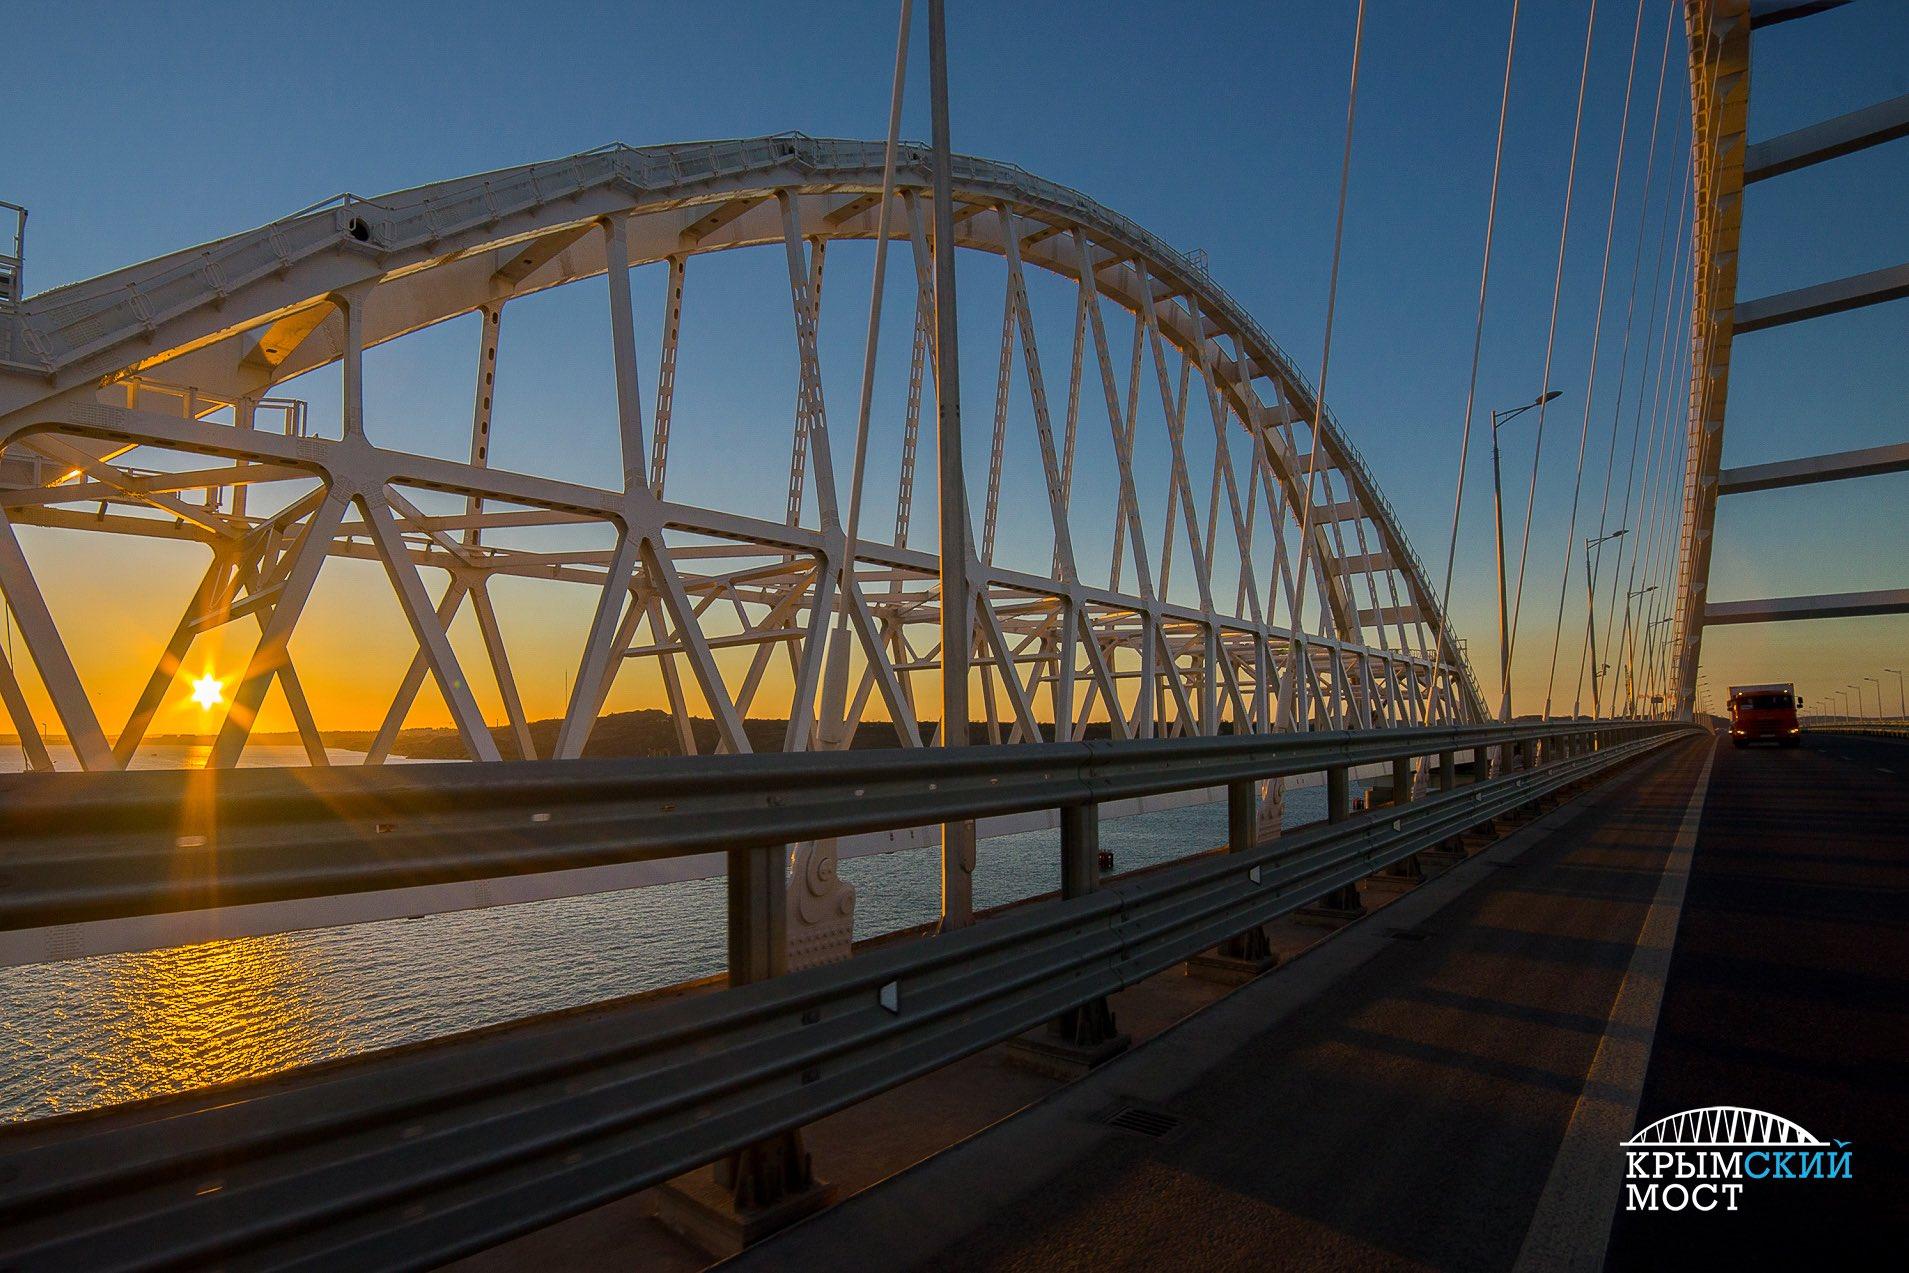 крымский мост картинки фото это